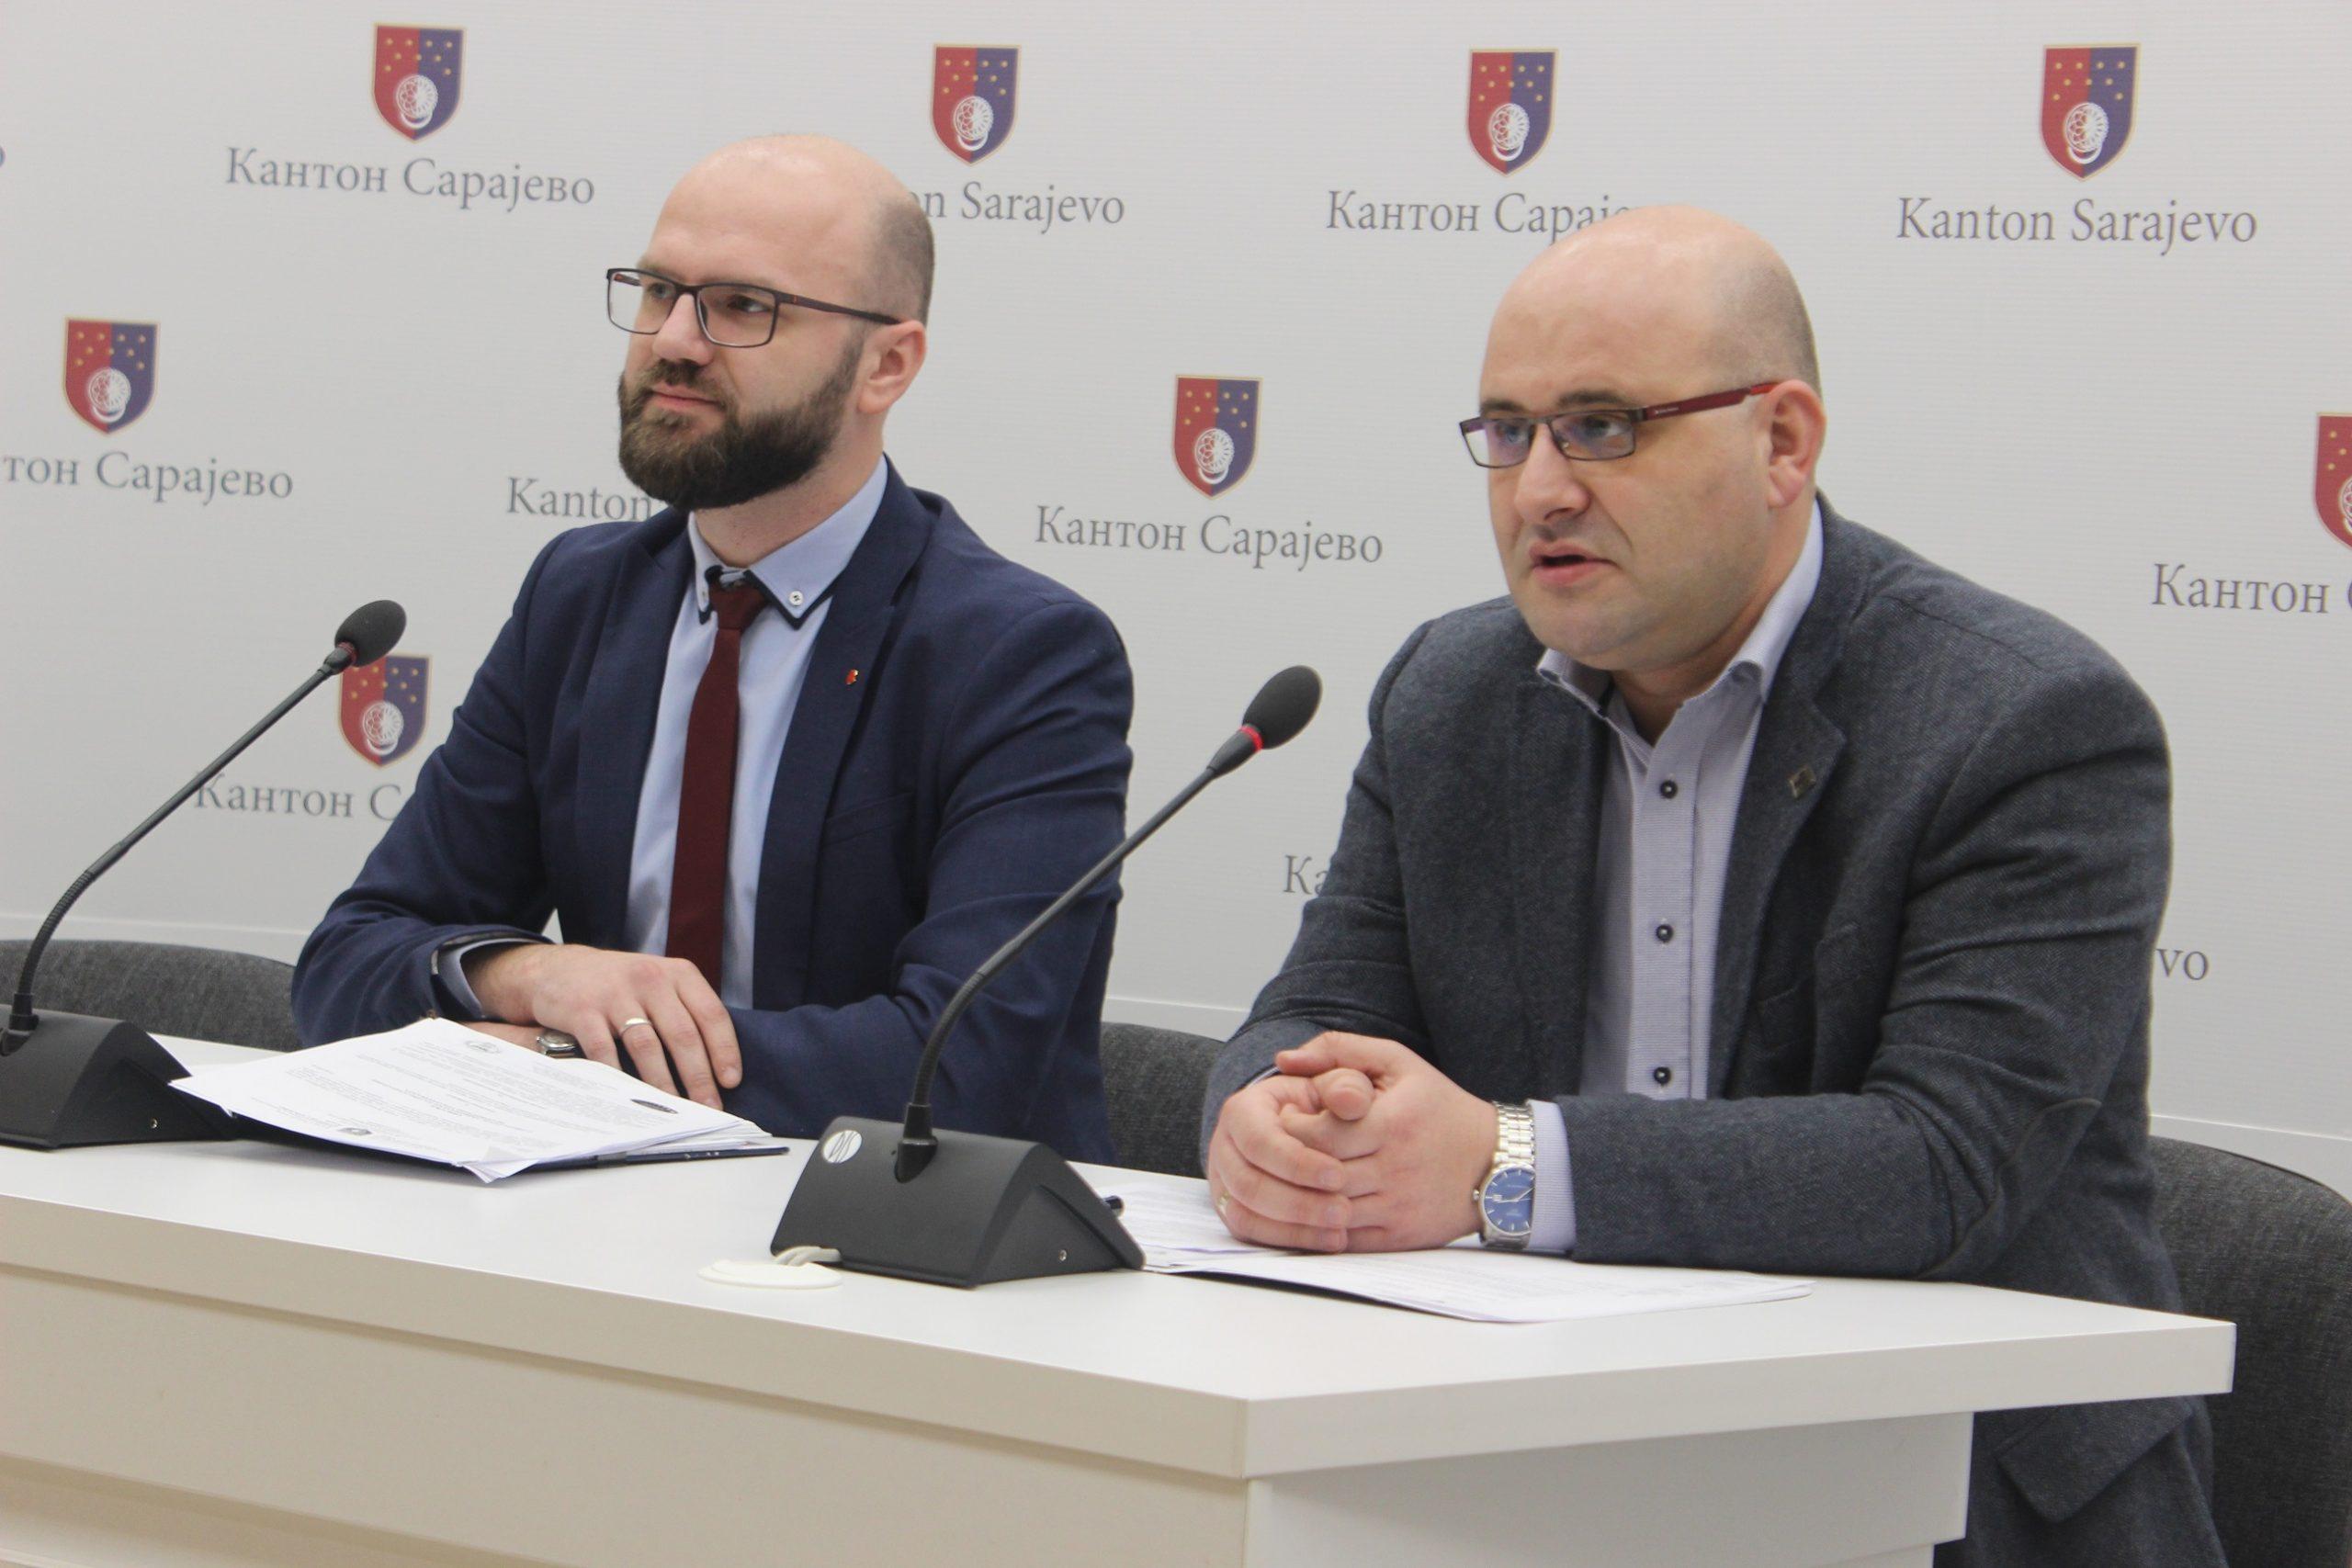 Sve javne institucije u Kantonu Sarajevo bit će akreditovane za pružanje dugoročnog volontiranja